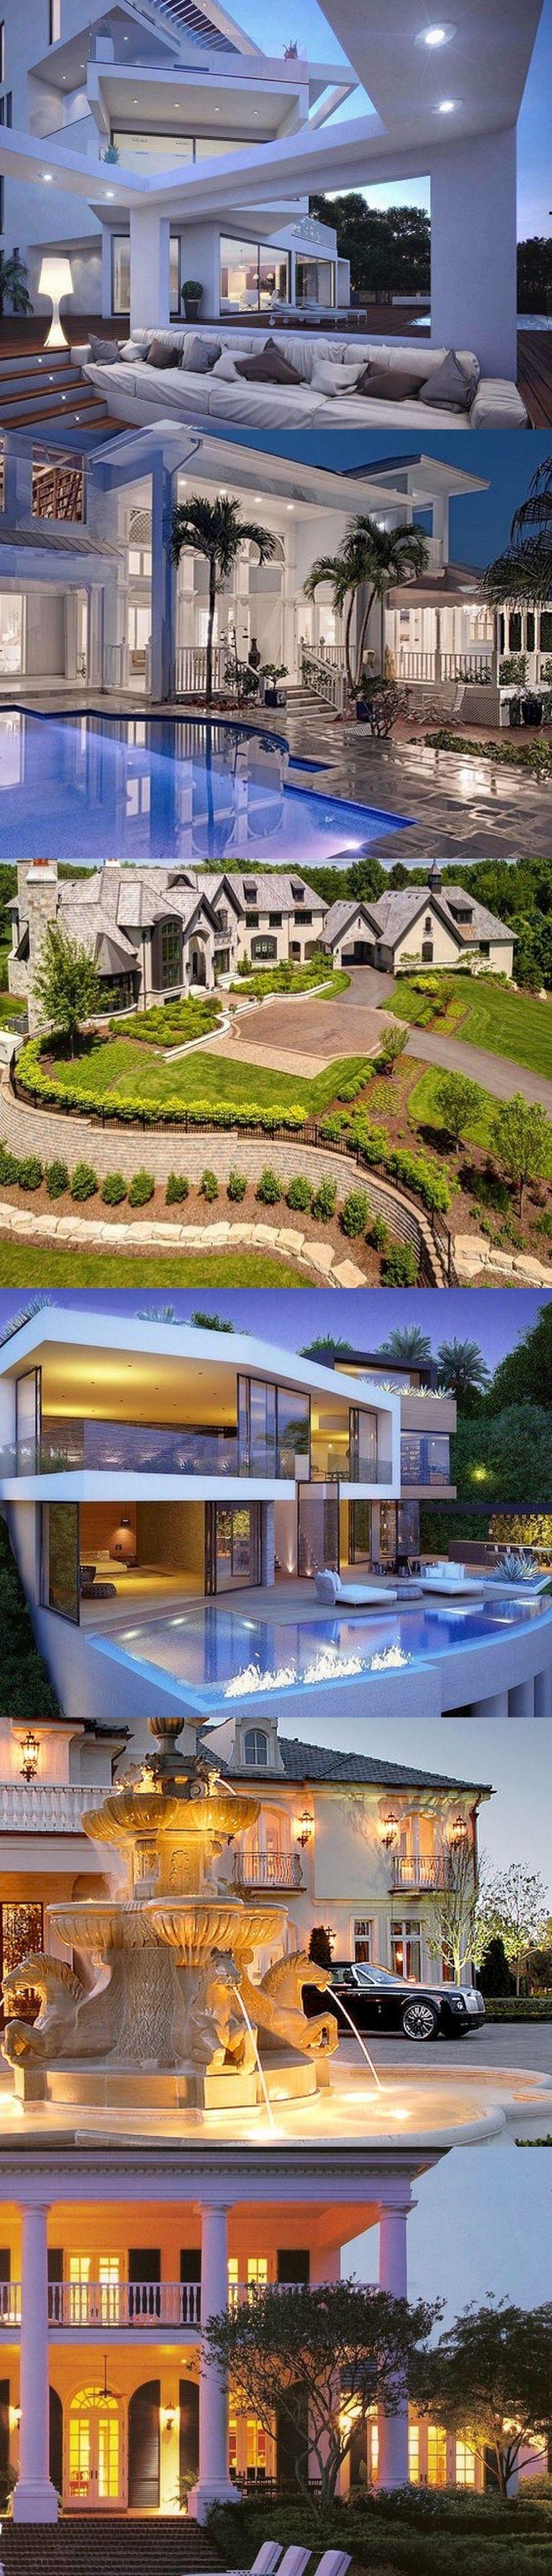 54 Stunning Dream Homes U0026 Mega Mansions From Social Media